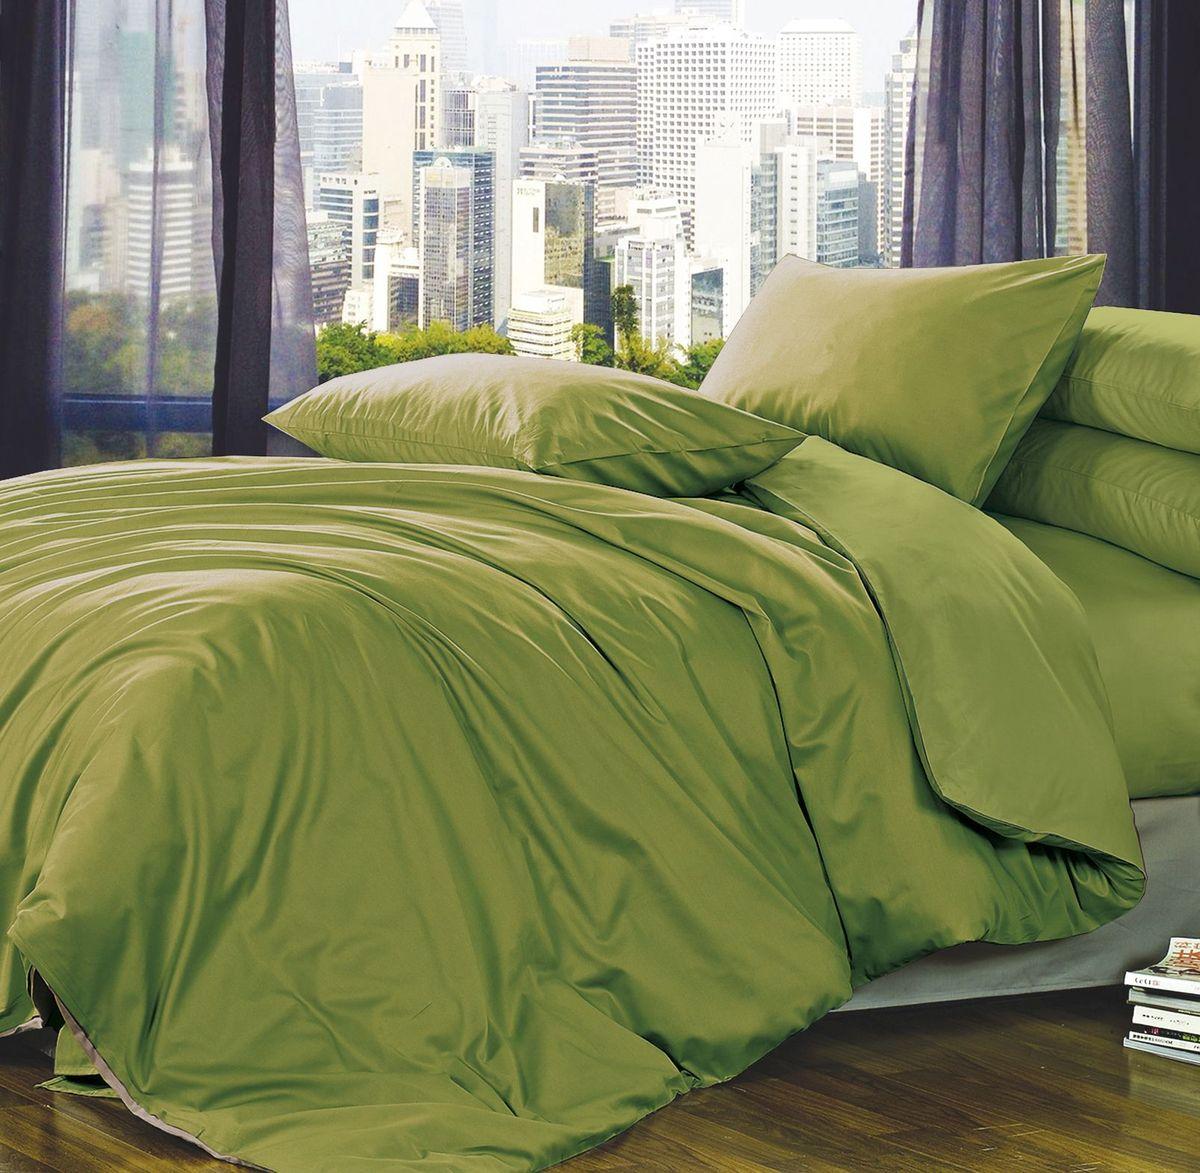 Комплект белья Коллекция Зеленый, 1,5-спальный, наволочки 70x70. ПС1.5/70/ОЗ/зелПС1.5/70/ОЗ/зел